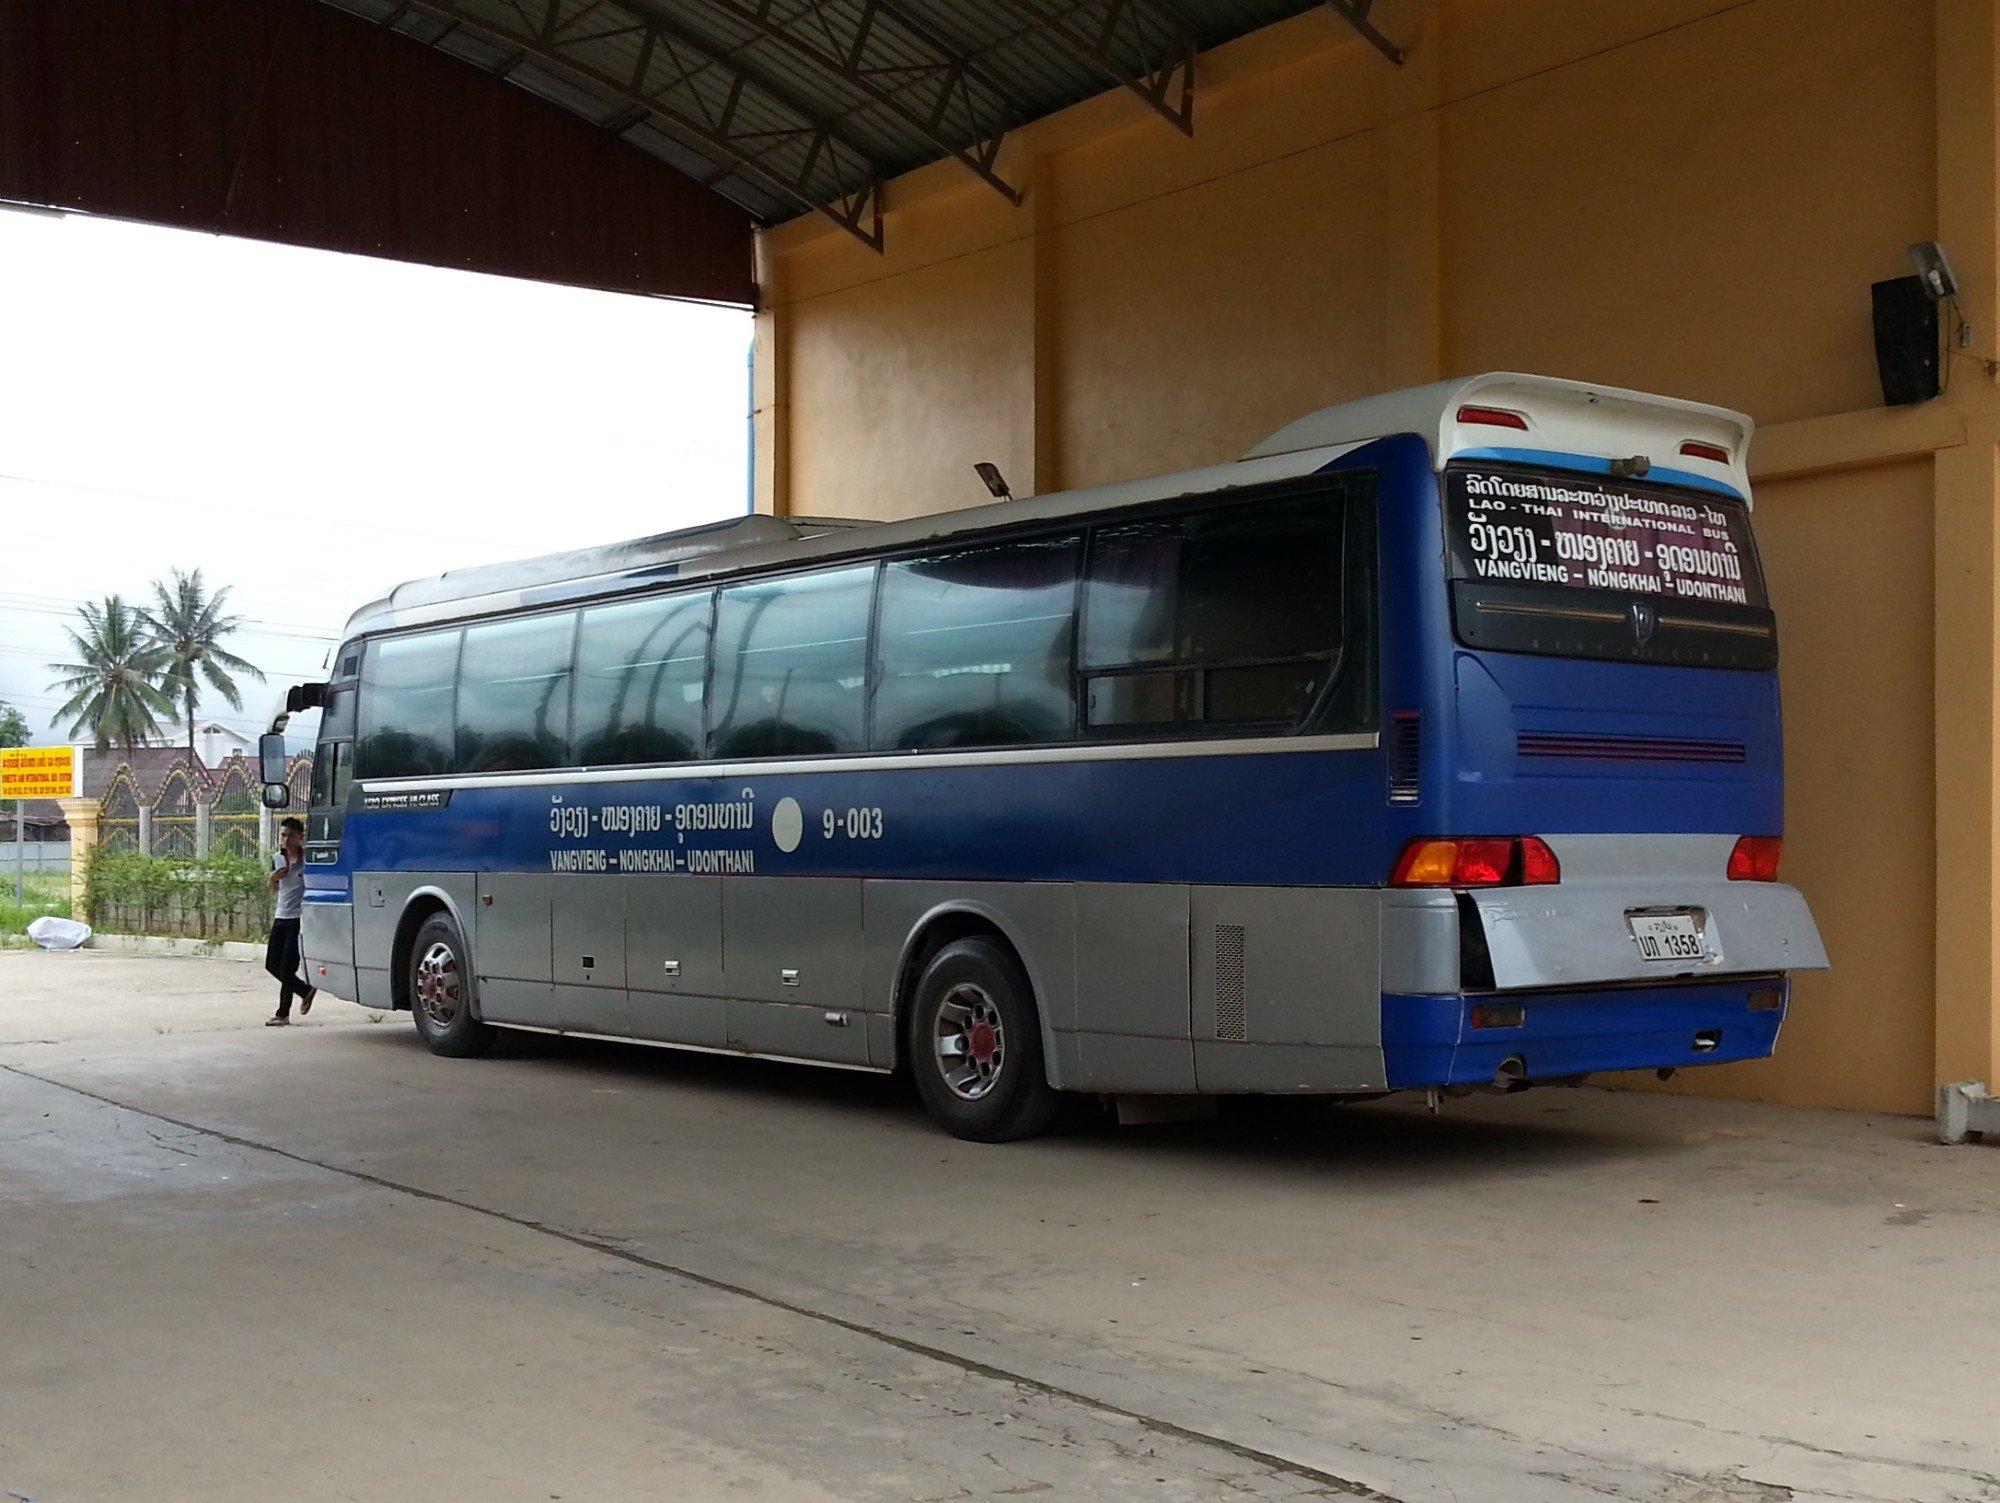 Bus to Udon Thani at Vang Vieng South Bus Terminal